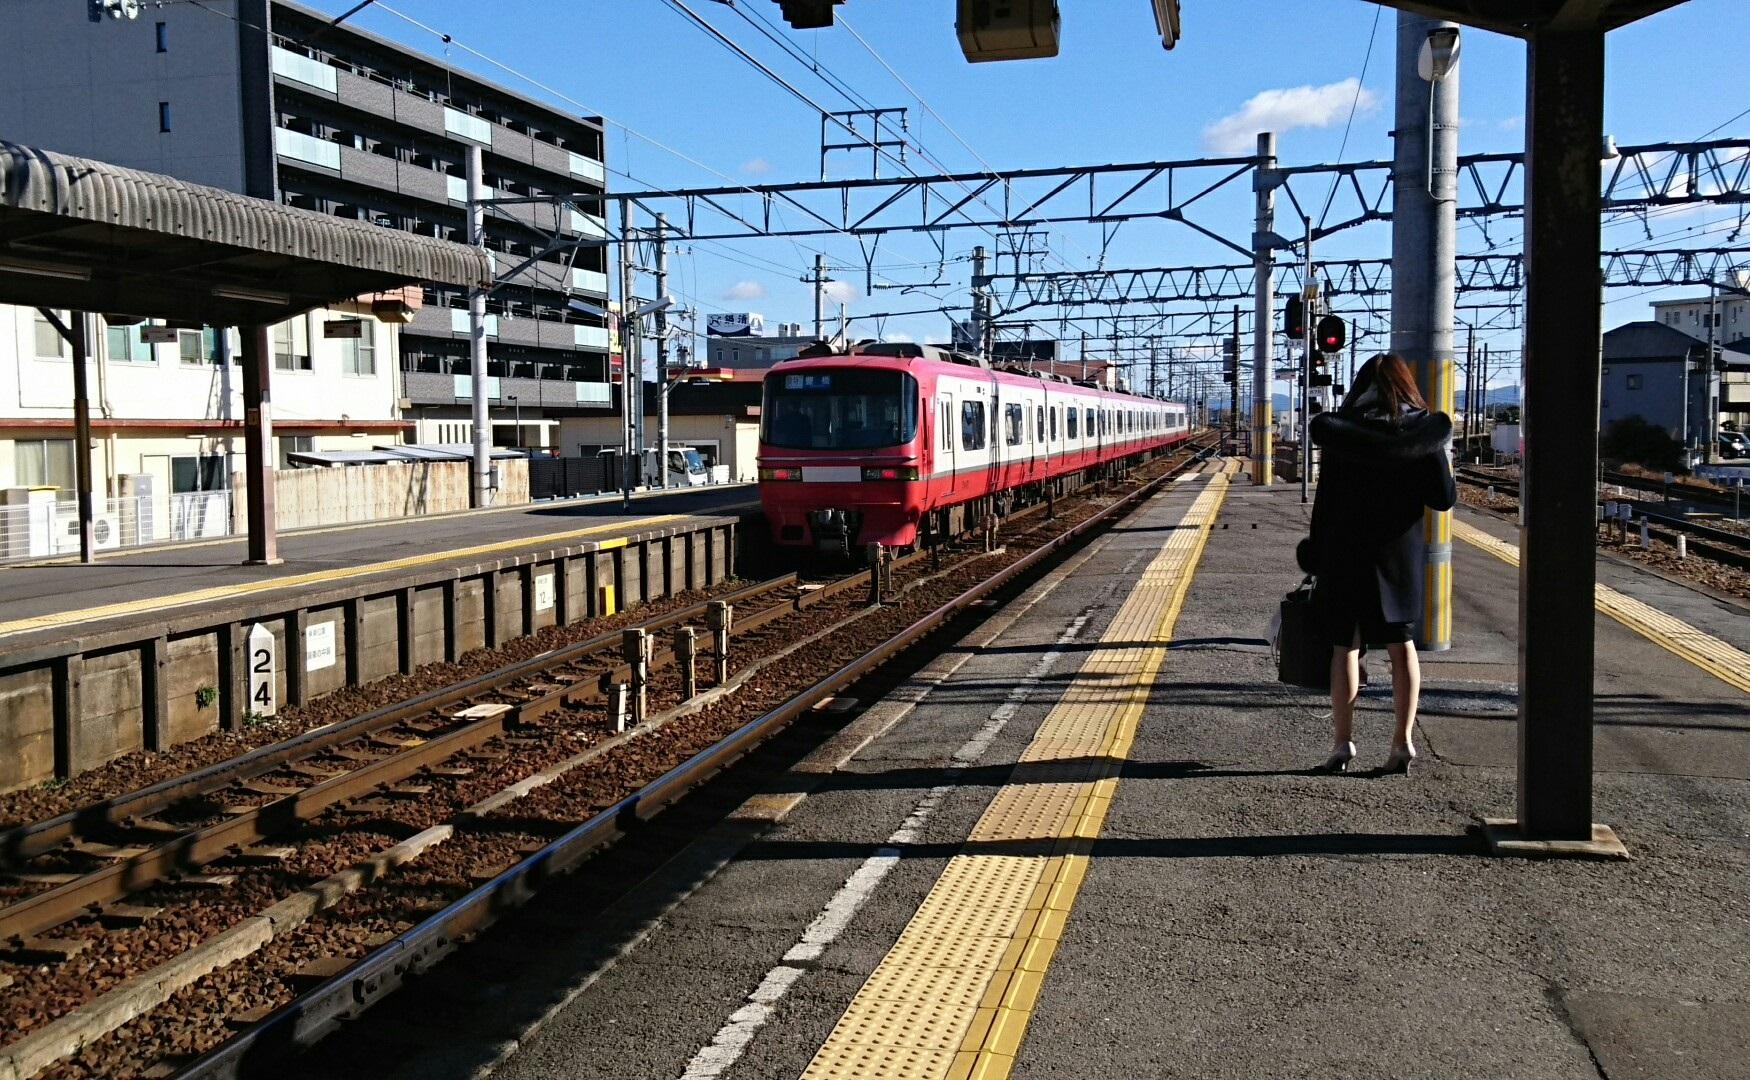 2018.1.3 名鉄 (4) しんあんじょう - 豊橋いき快速特急 1750-1080